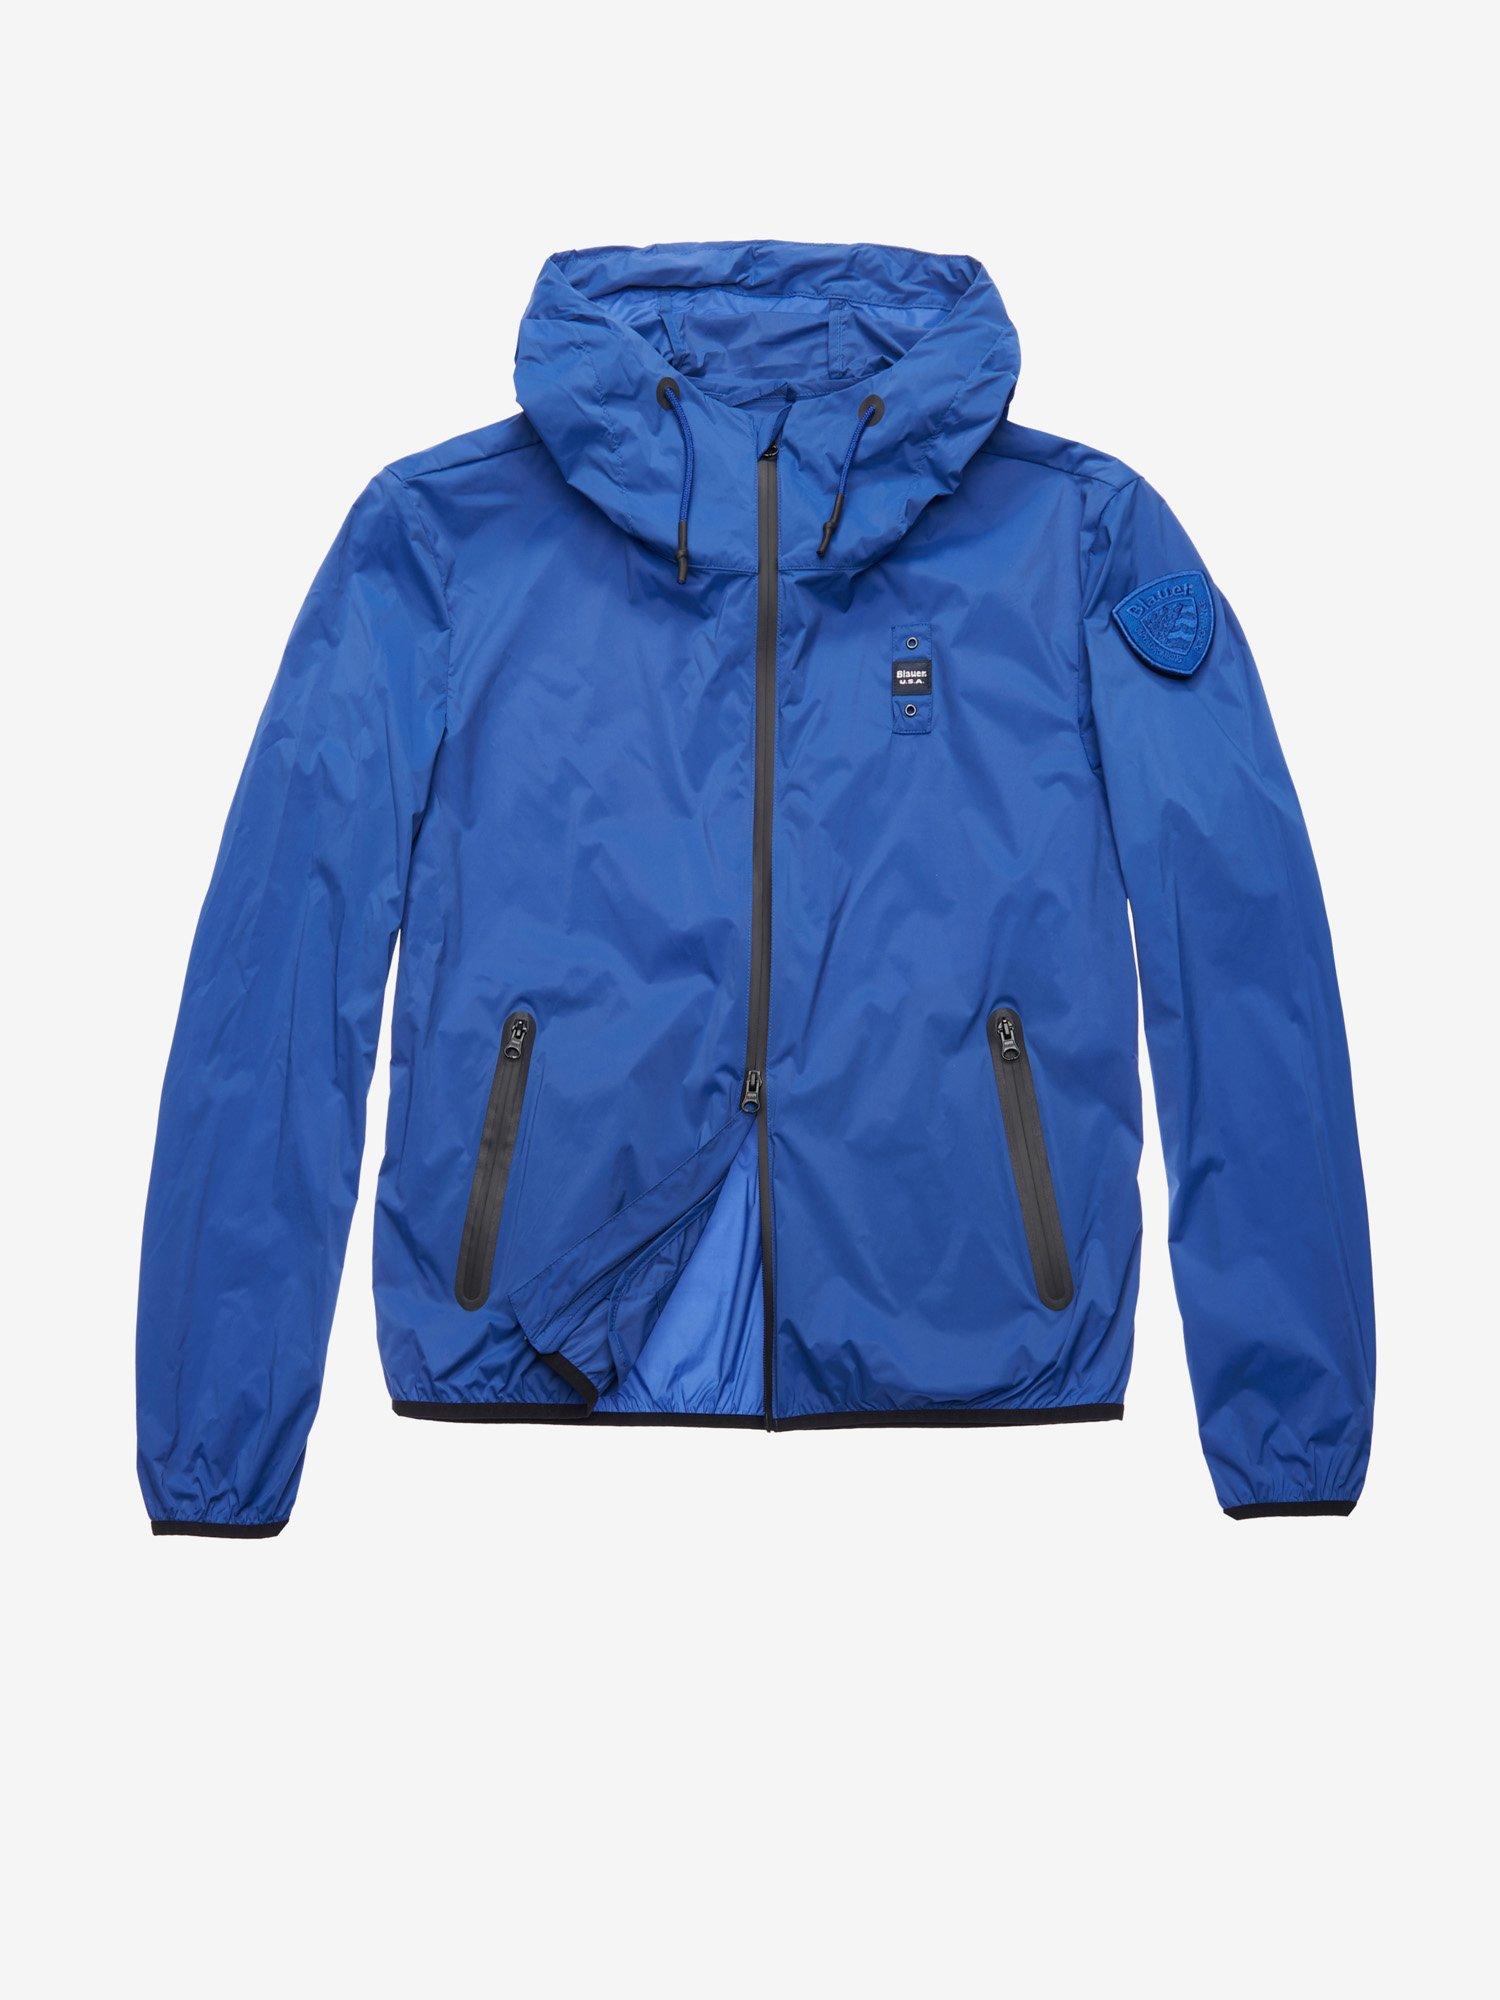 77d6588a02 Blauer - BAKER STRETCH NYLON JACKET - Ultramarine Blue - 1 ...